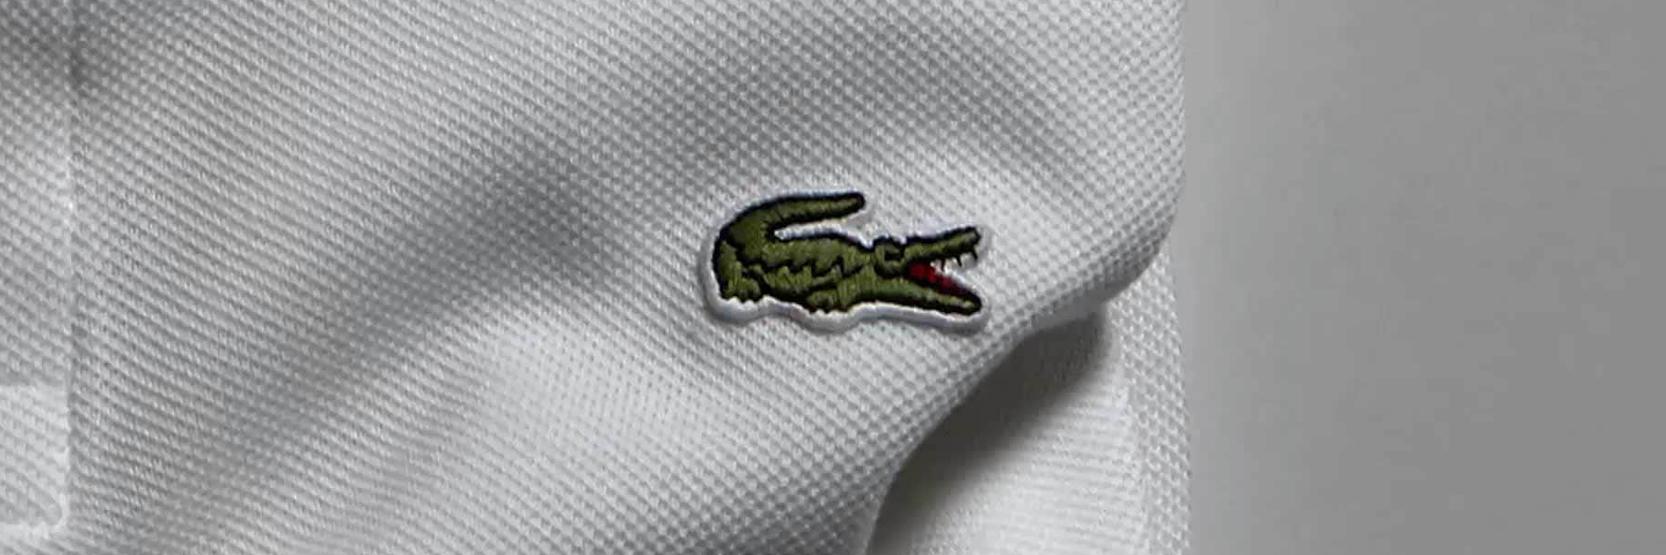 سبب اختيار رينيه لاكوست التمساح كشعار لشركته